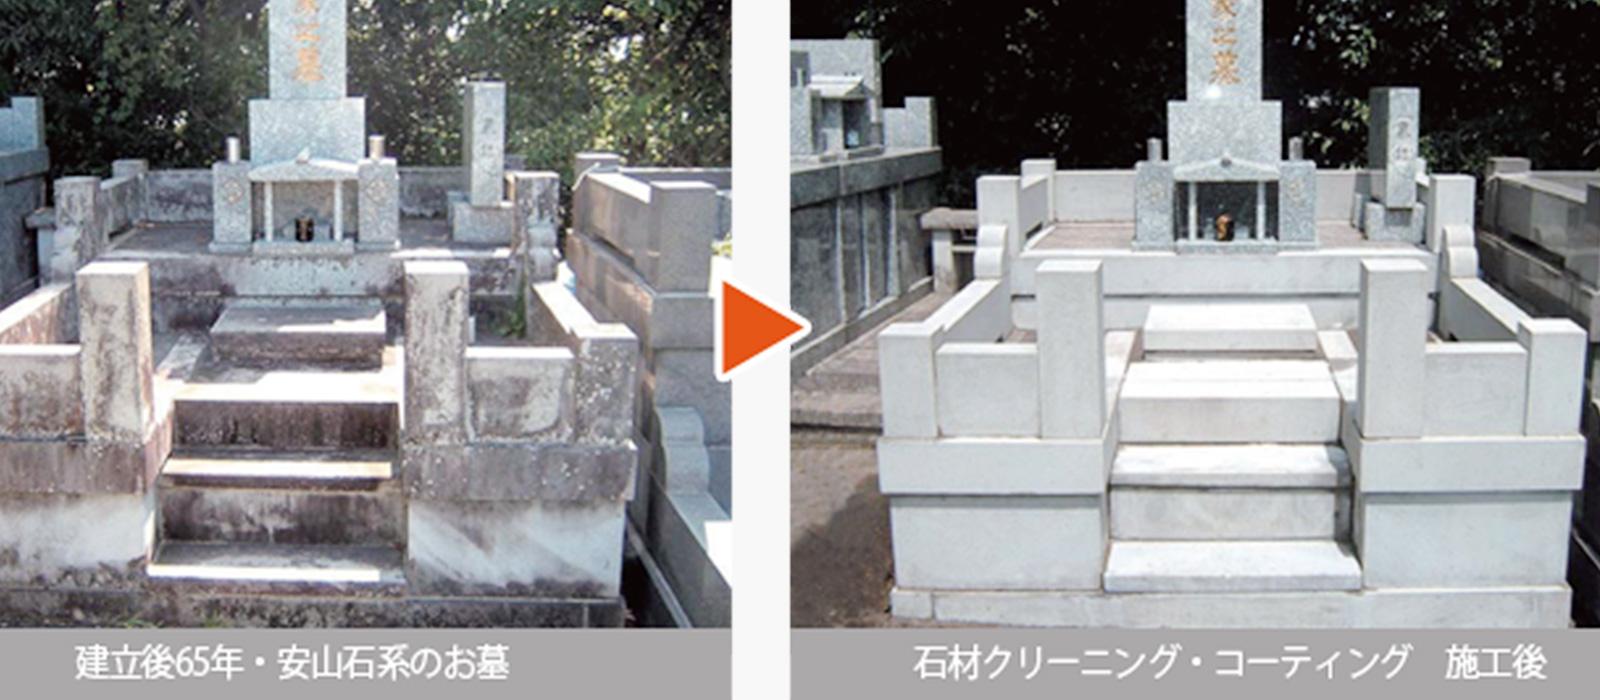 墓石の洗浄コーティング・補修